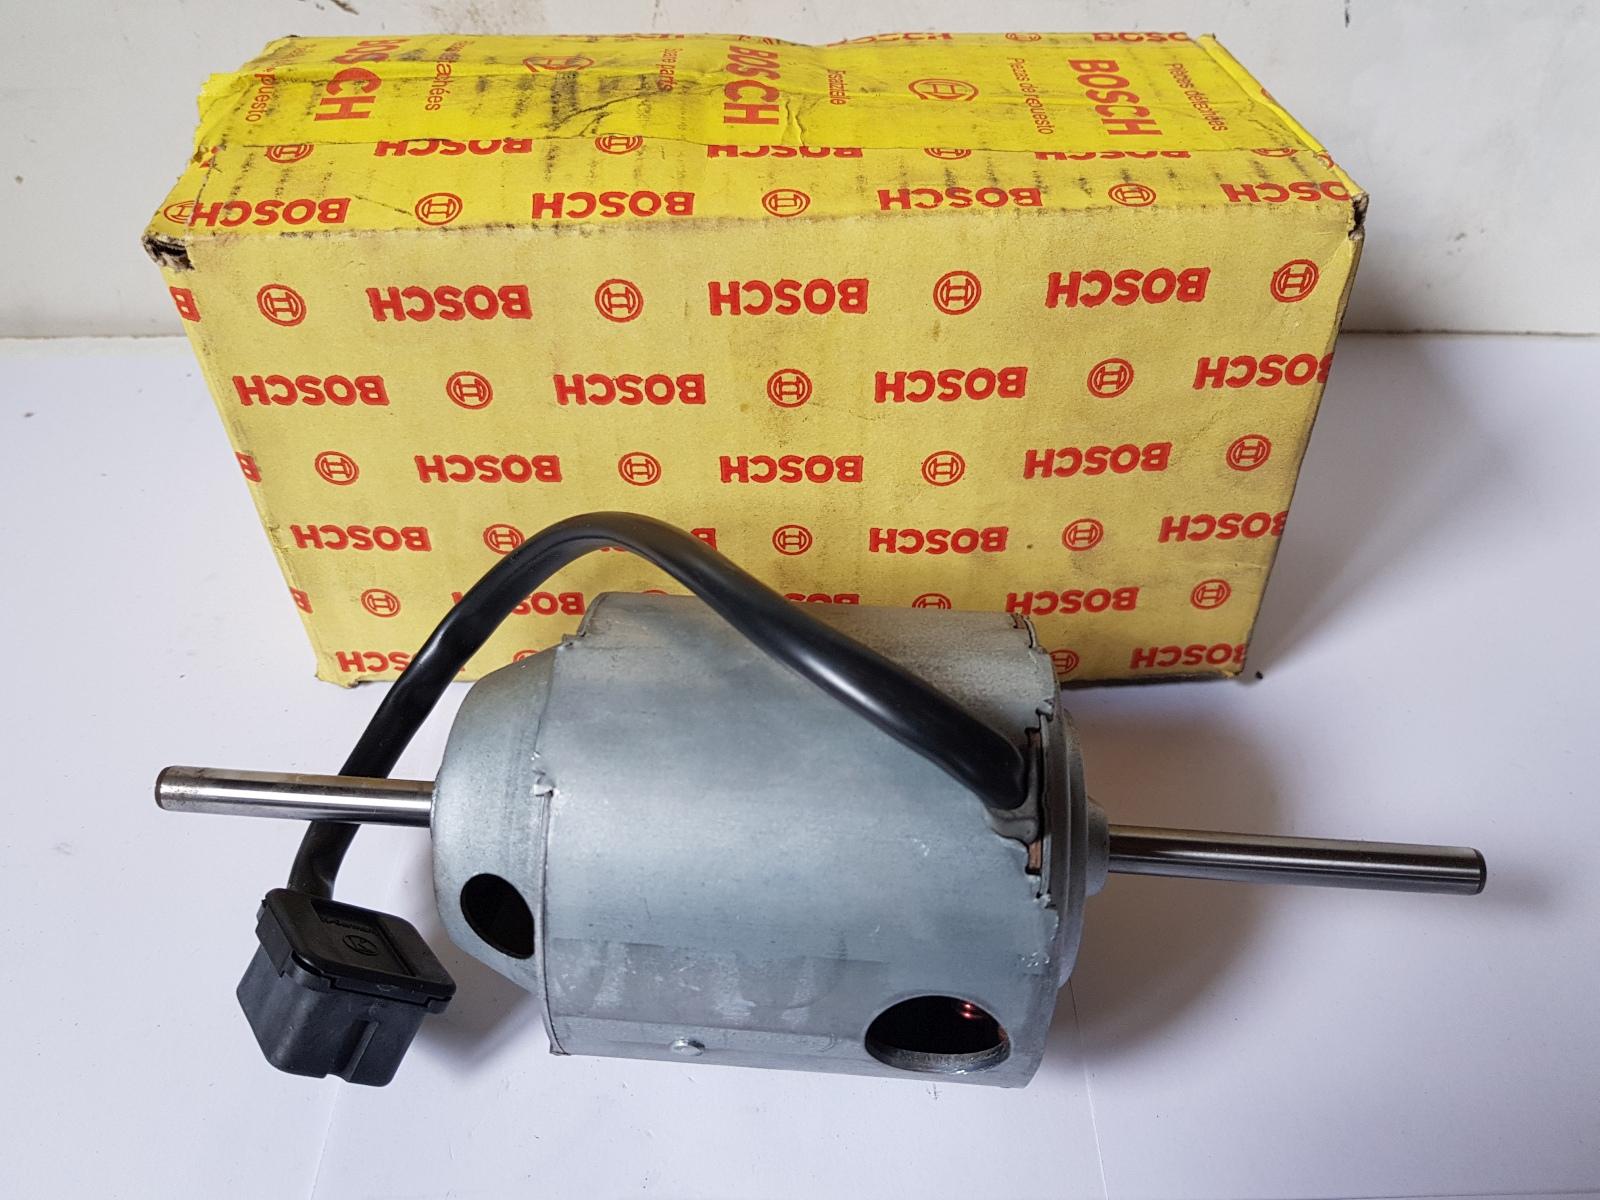 Bosch 0130107081 Elektromotor Gebläsemotor 24V Innenraumgebläse Lüftermotor